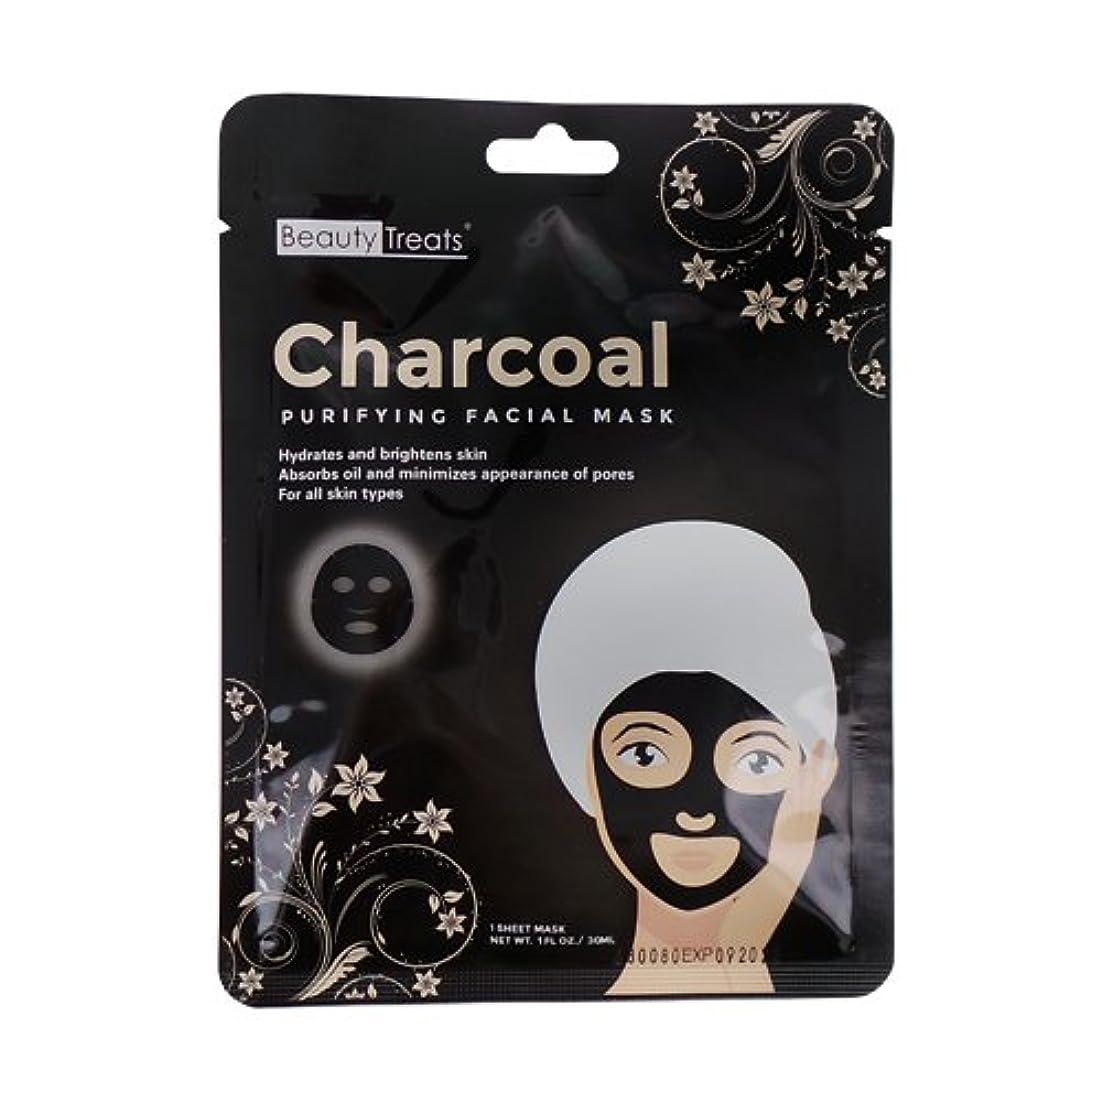 感謝預言者ノベルティ(3 Pack) BEAUTY TREATS Charcoal Purifying Facial Mask (並行輸入品)